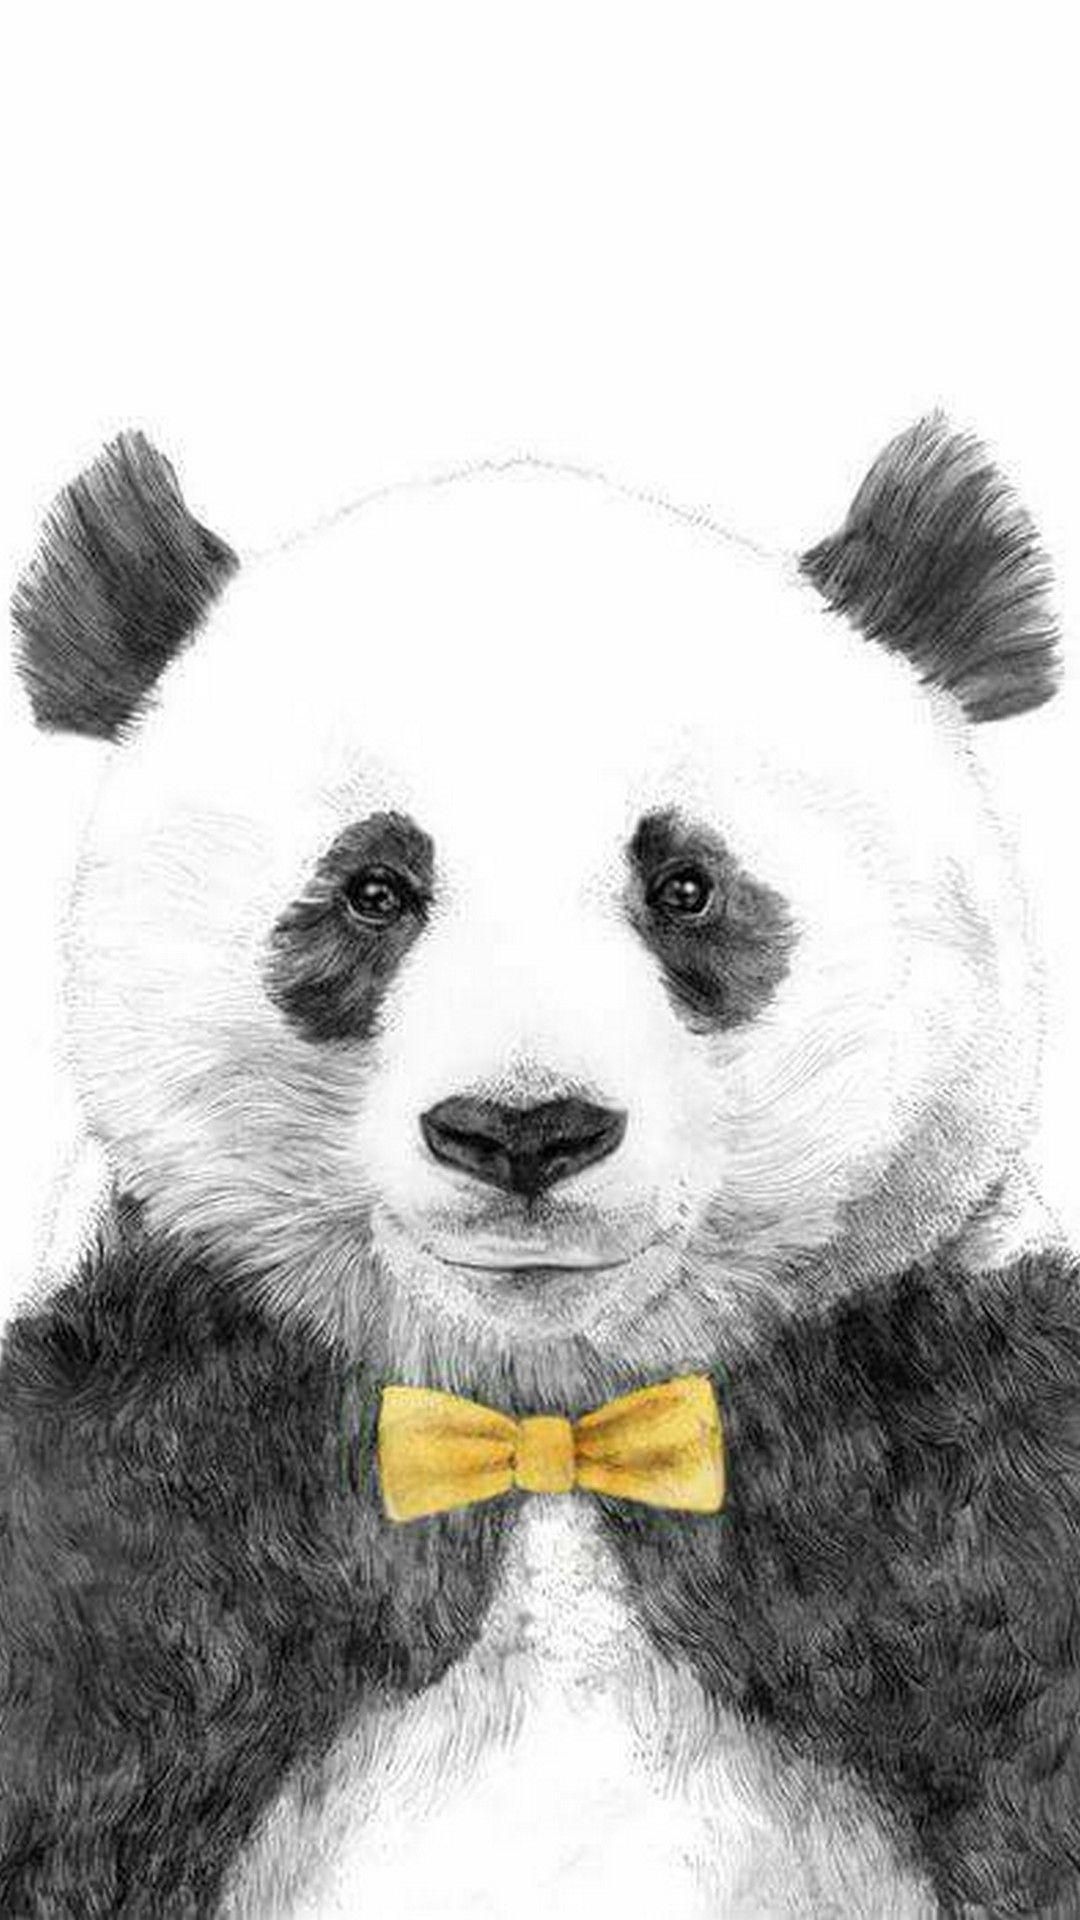 Panda Wallpaper For Phone Best Hd Wallpapers Panda